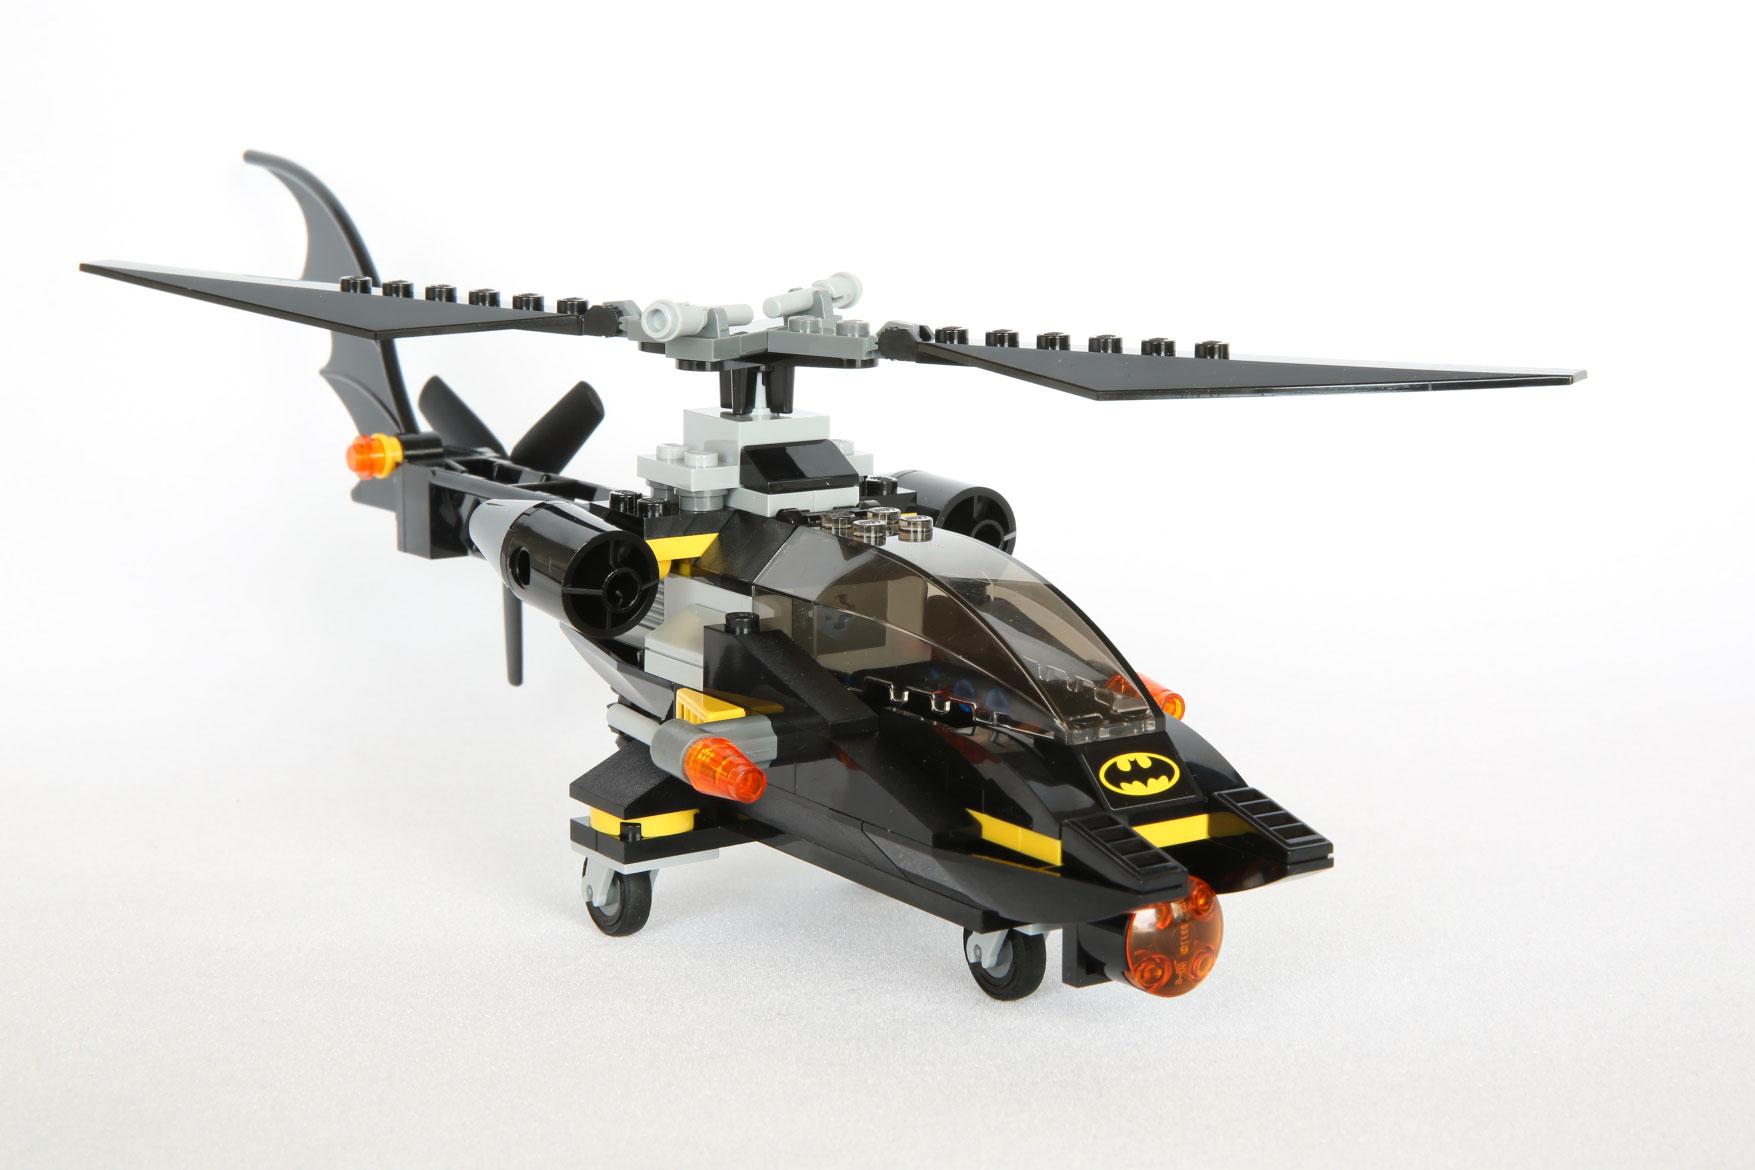 Lego batcopter 2019